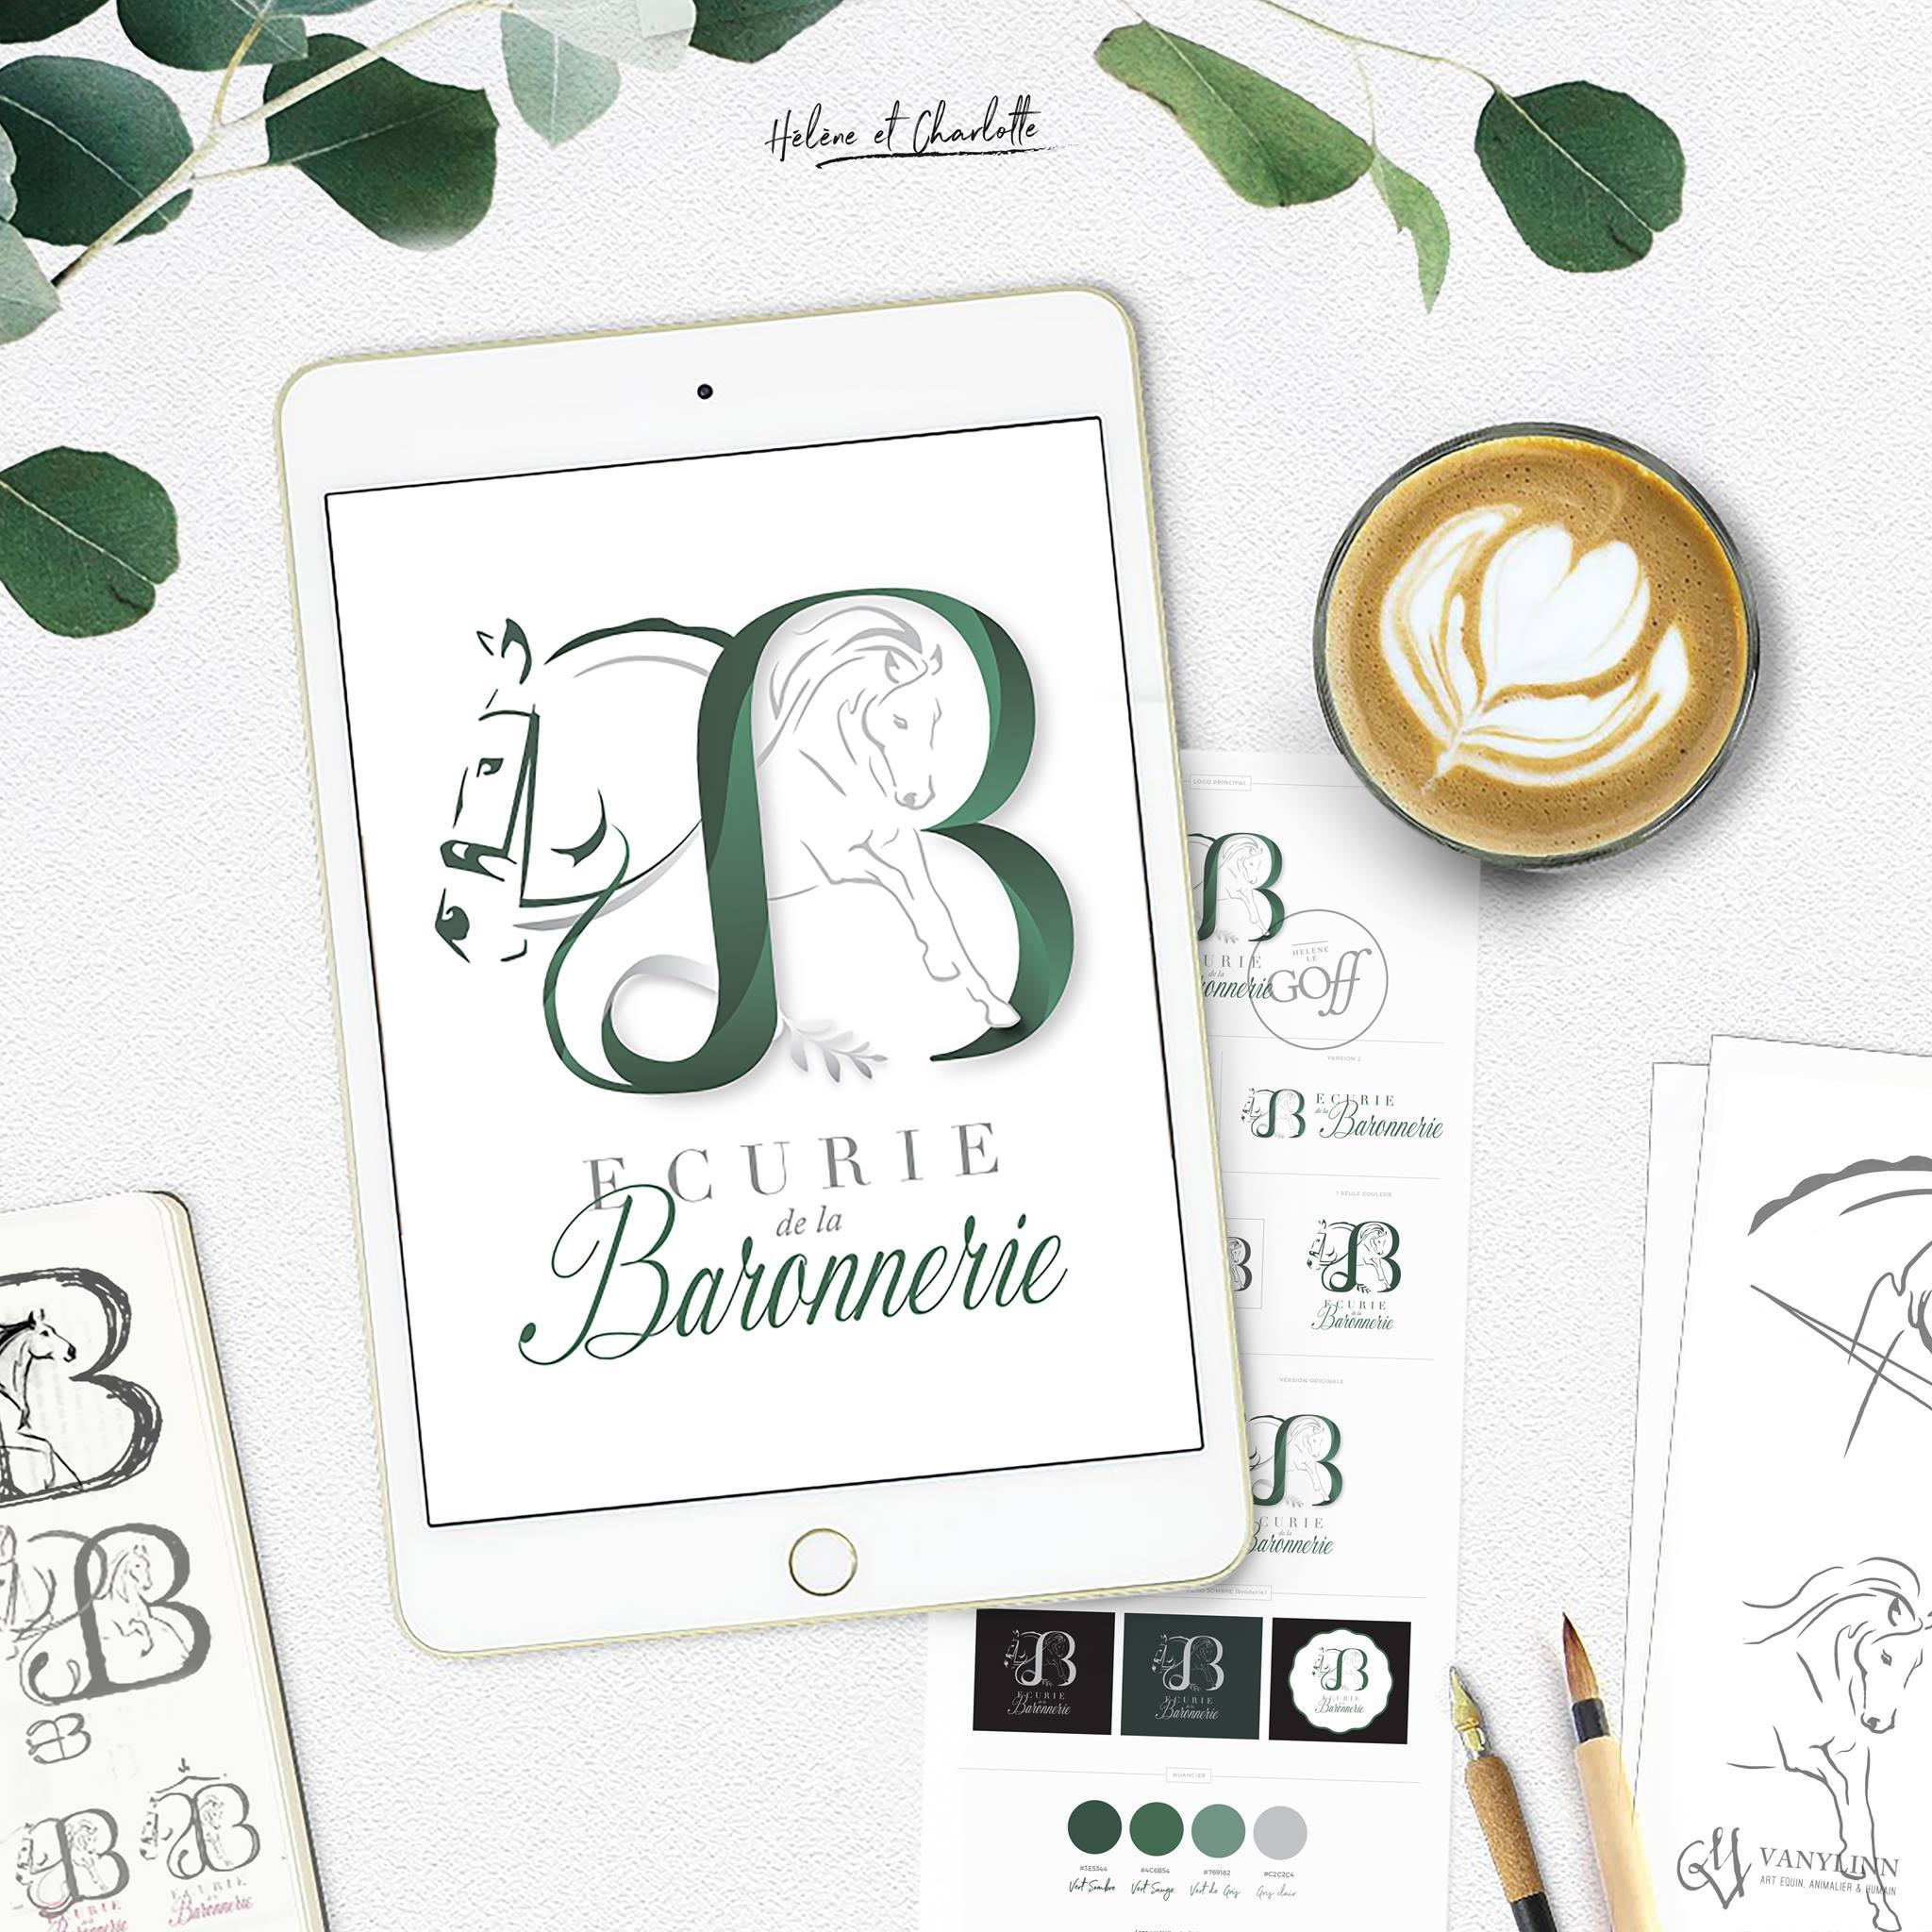 Logo Baronnerie.jpg